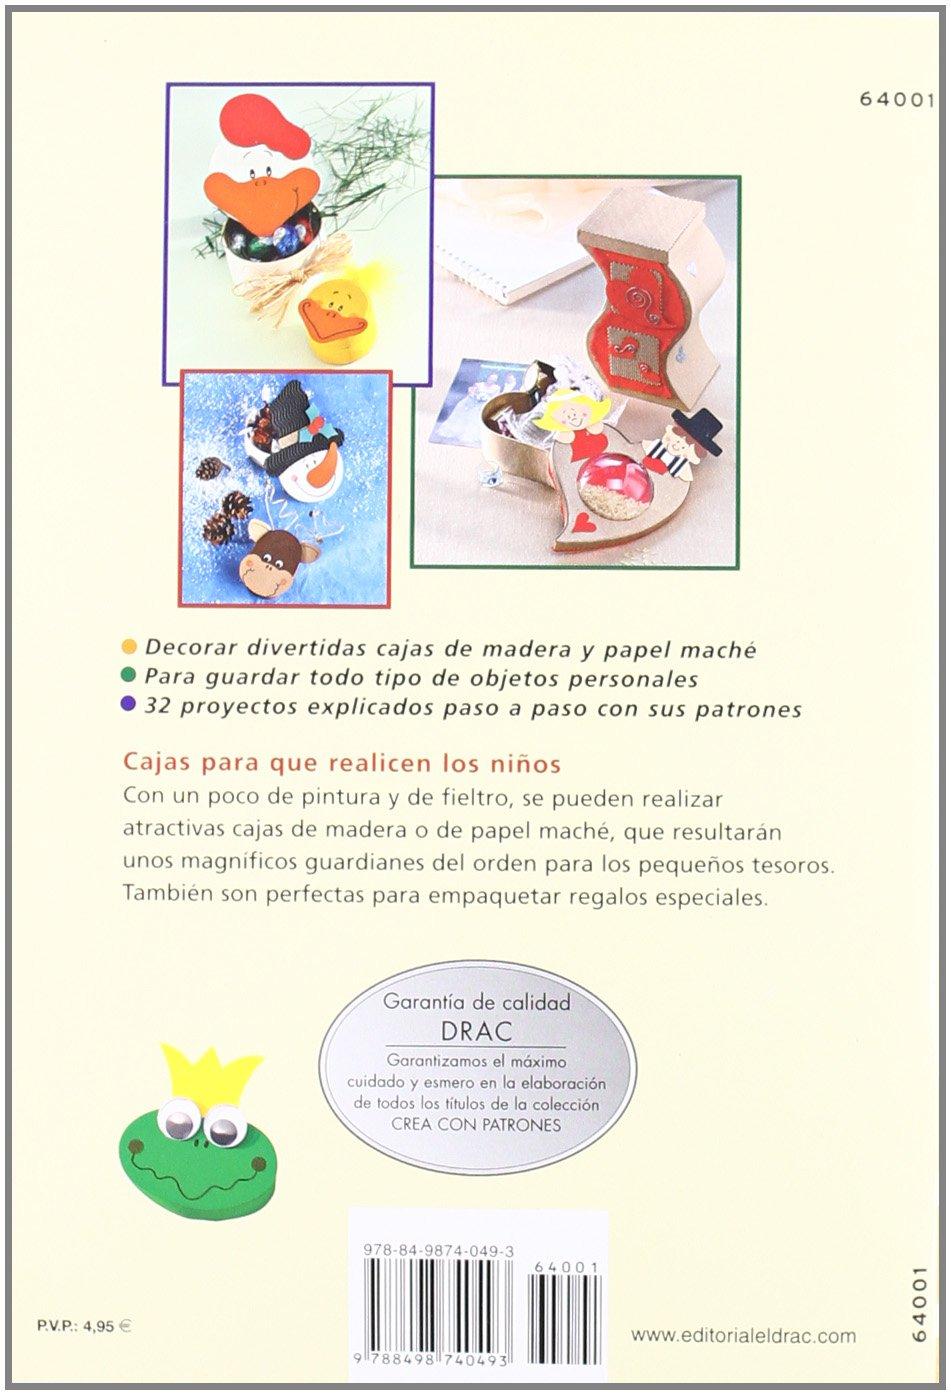 Serie decorar cajas nº 1. DECORAR CAJAS CON FIELTRO, POMPONES, CARTÓN, CUENTAS.PARA NIÑOS Cp - Serie Decorar Cajas: Amazon.es: Gudrun Schmitt: Libros